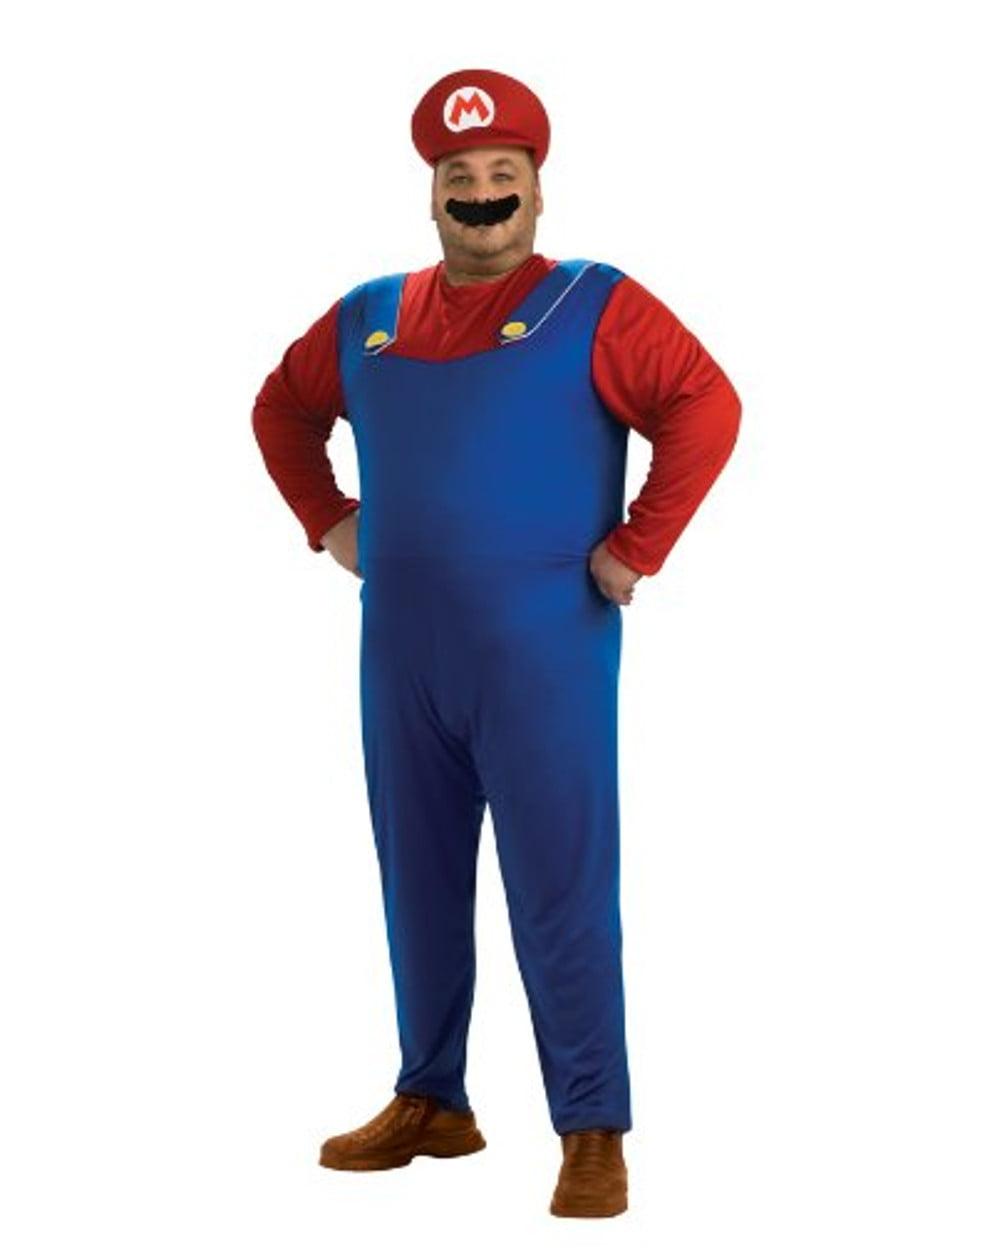 Plus Super Mario Brothers Mario Costume Blue